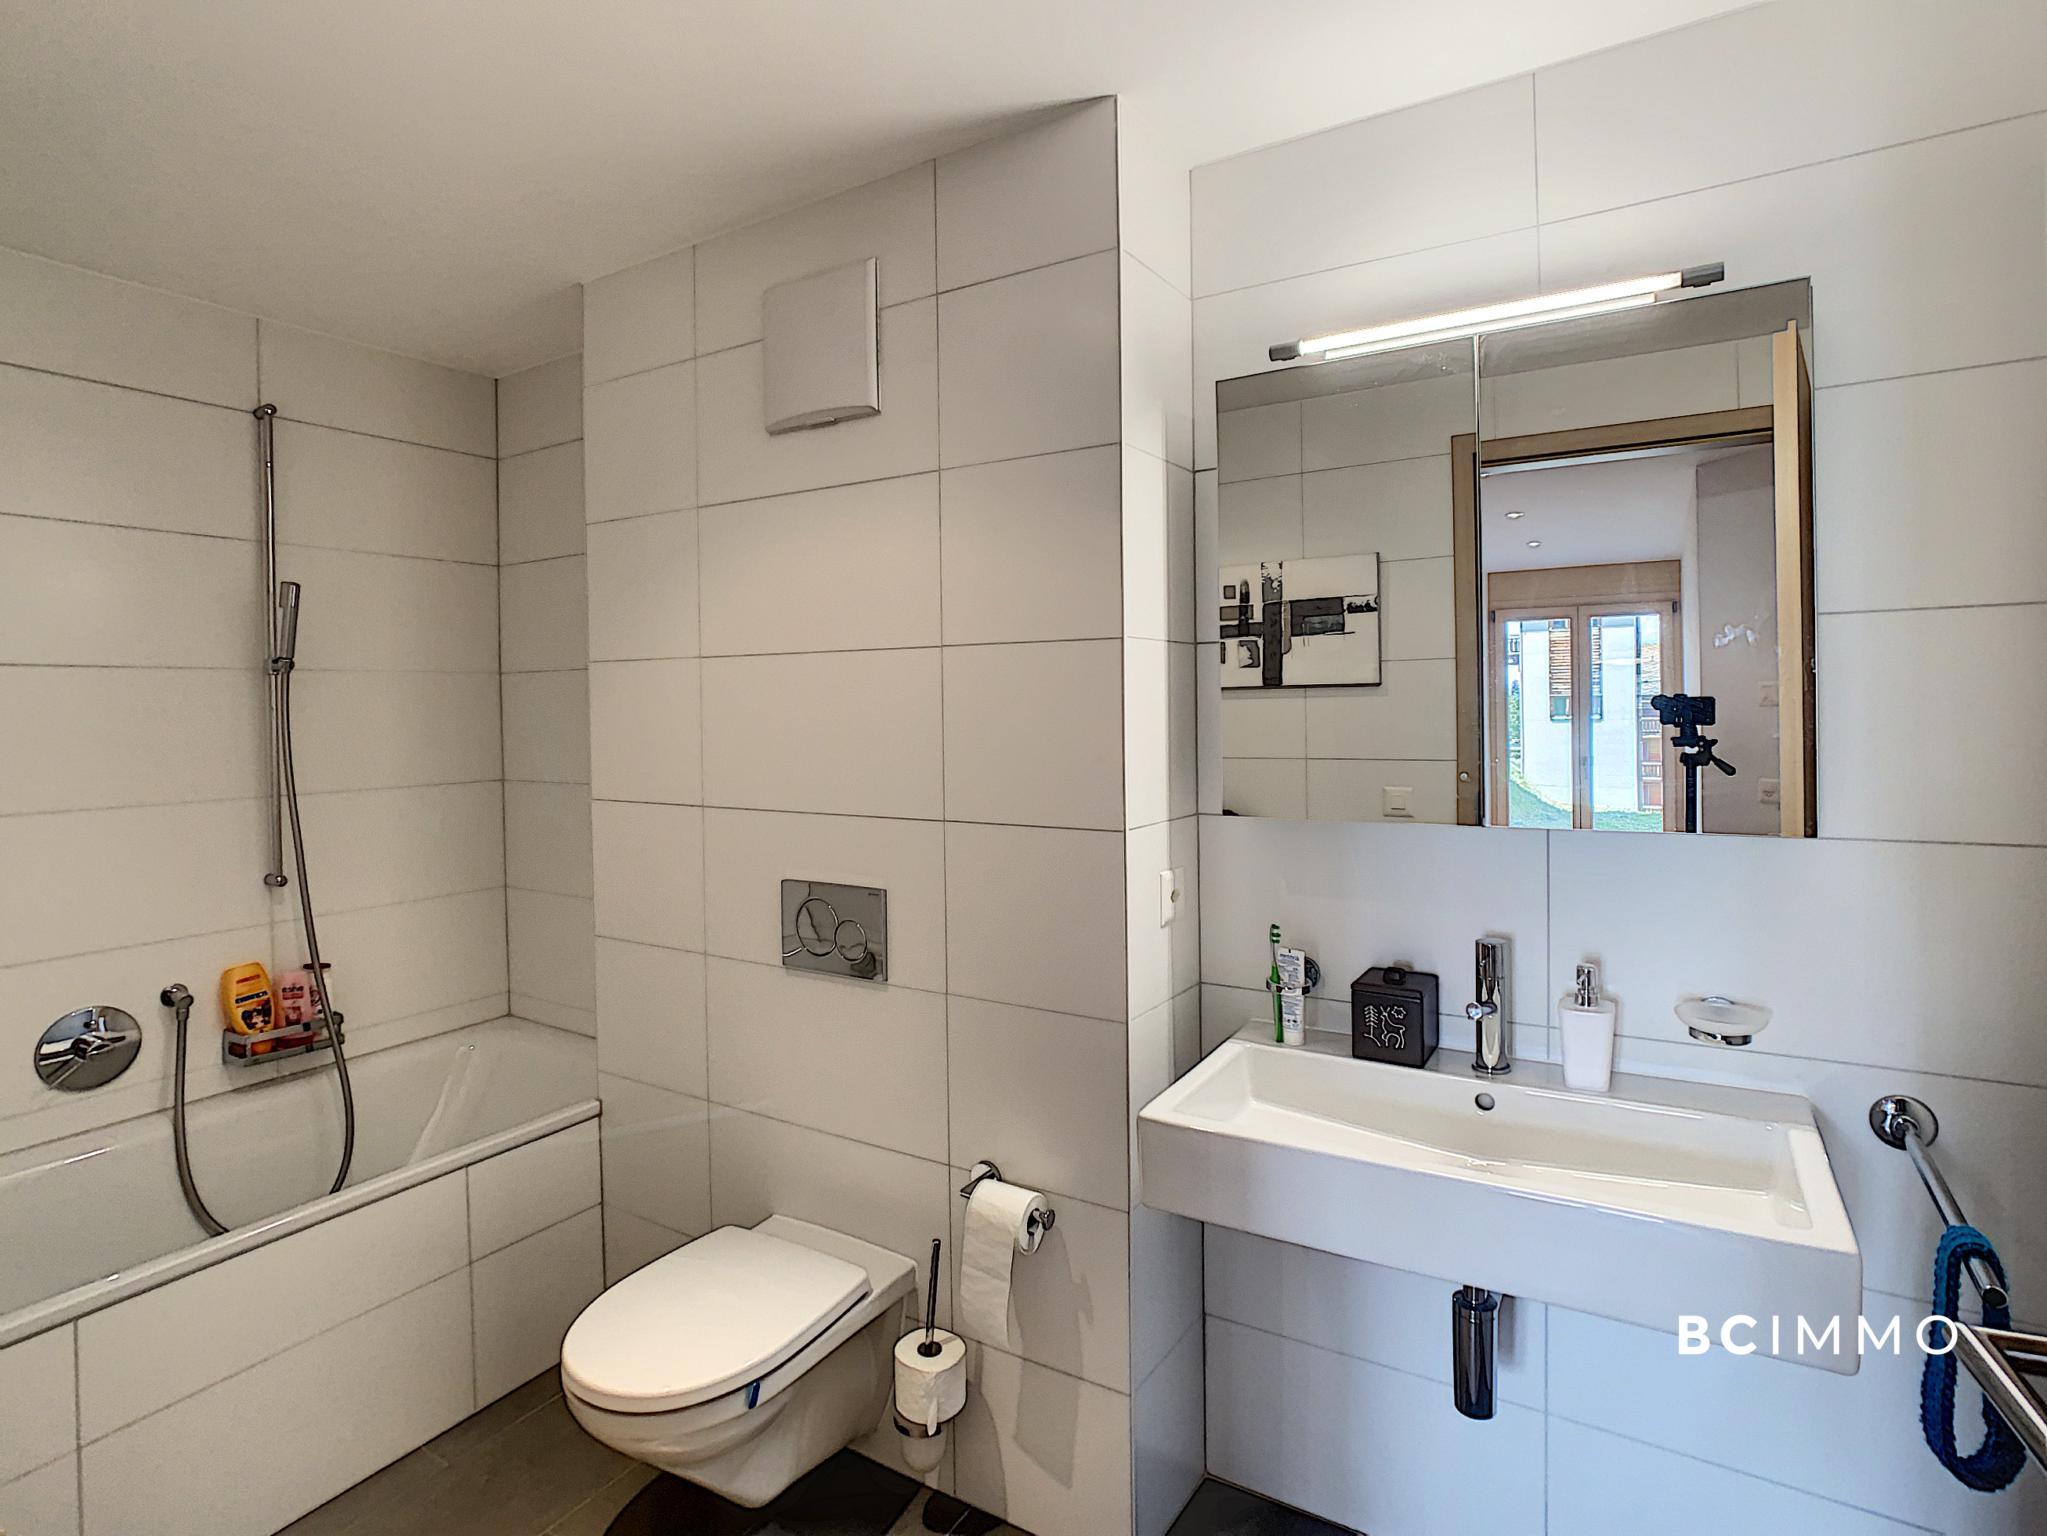 BC Immo - Appartement 3.5 pièces de standing au coeur de Veysonnaz - DC1AVEY93